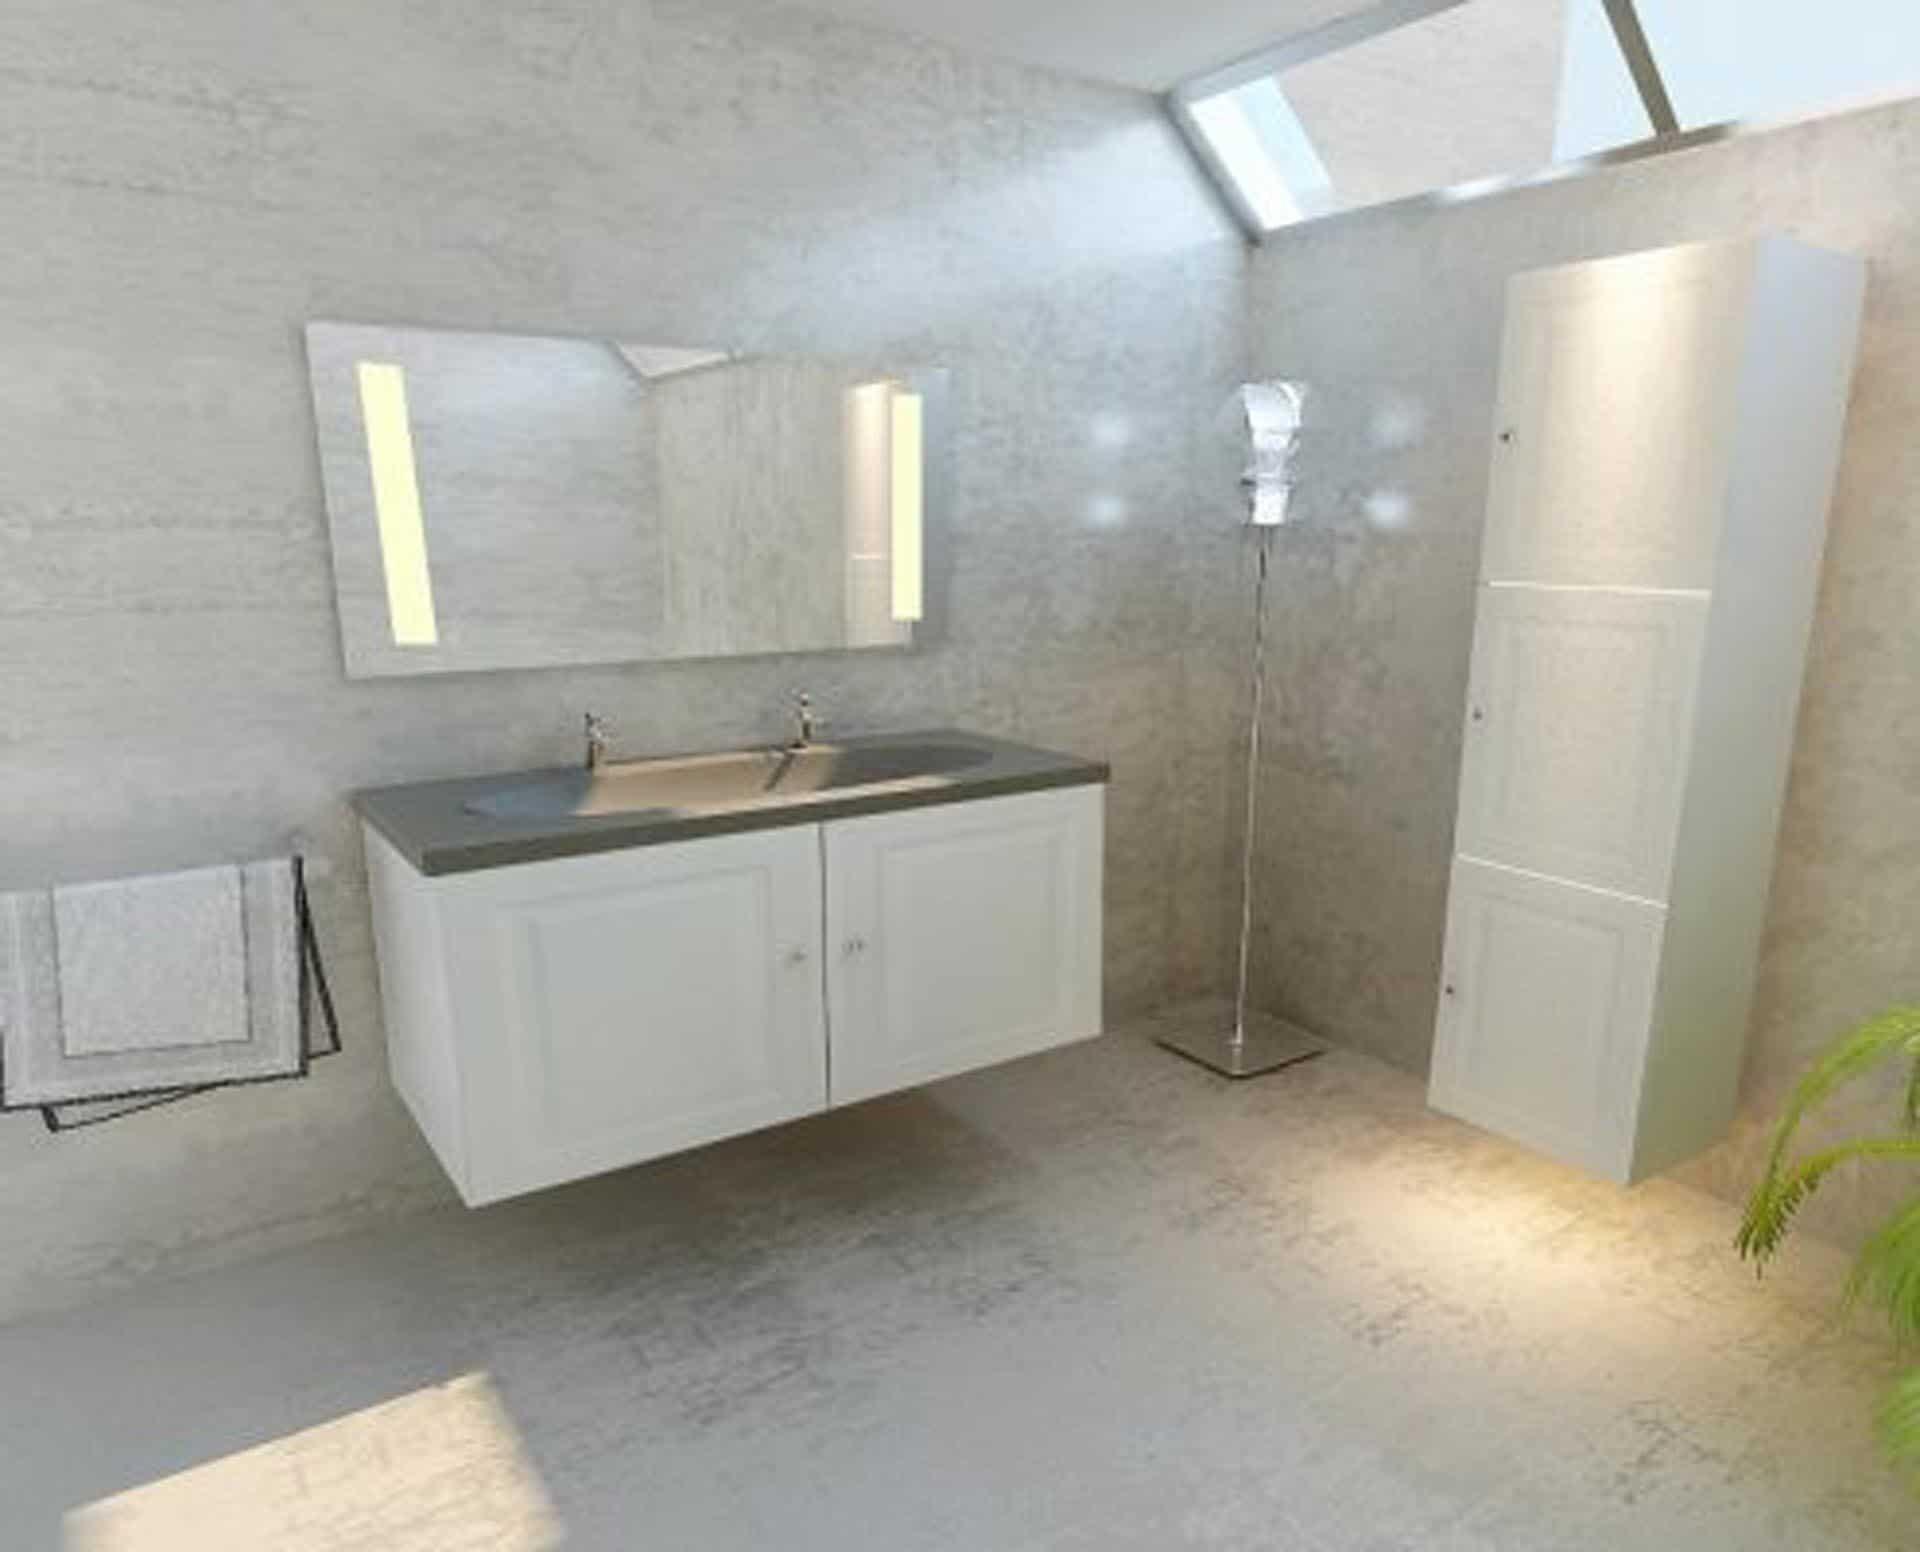 Lækker og simpel beton håndvask, med pæne afrundinger. Farven er i grå - en fantastik flot, moderne og naturlig betonfarve, der passer ind i ethvert badeværelse. Materialet er en kombination af komposit, fiber og beton, dette gør, at vasken er væsentlig stærkere end normal beton. Beton tåler ikke stærke rengøringsmidler, eller syreholdige produkter. Vi anbefaler derfor at vasken rengøres i pH neutralt rengøringsmiddel. Vasken har målene: 120,5 x 54,5 x 3 cm. Vasken skal stå på et skab. Køb et af vores tre slags åbne ophæng til slimlinevaske eller se vores guide til hvilket skab, der passer til og hvor du kan købe det. Vasken er hensynsmæssigt designet med fine rundinger, som både giver vasken et eksklusivt udtryk og gør den rengøringsvenlig. Vasken vedligeholdes med voks - vi anbefaler en behandling med vores egen naturvoks ID12002 et par gange om året for at opnå optimalt look.